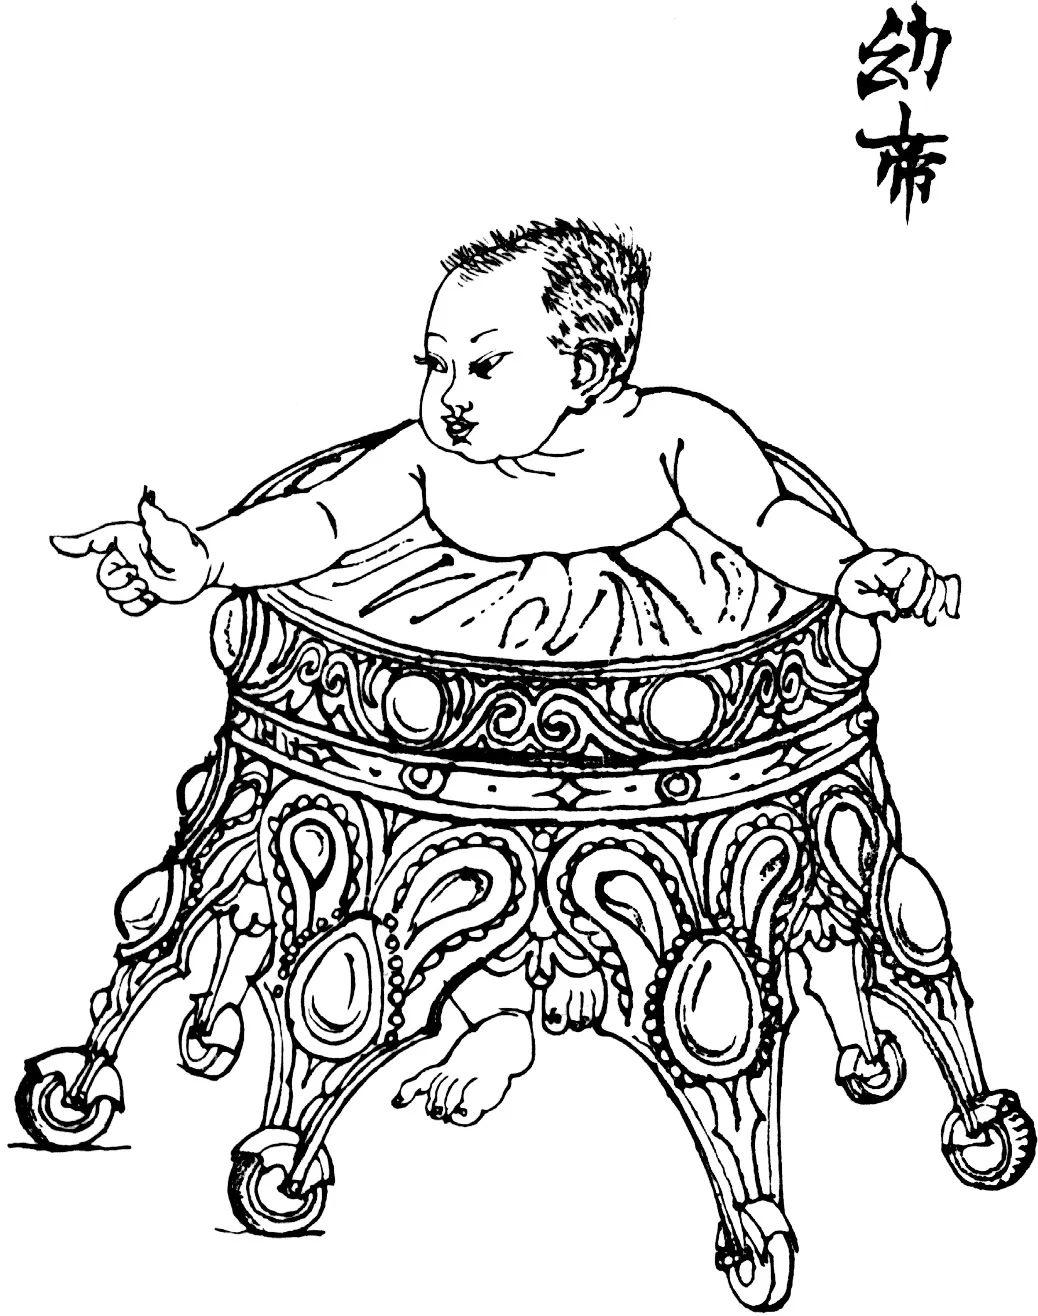 一个颠倒的皇冠镶满珍珠宝石。下装轮子,成为婴儿学步车。